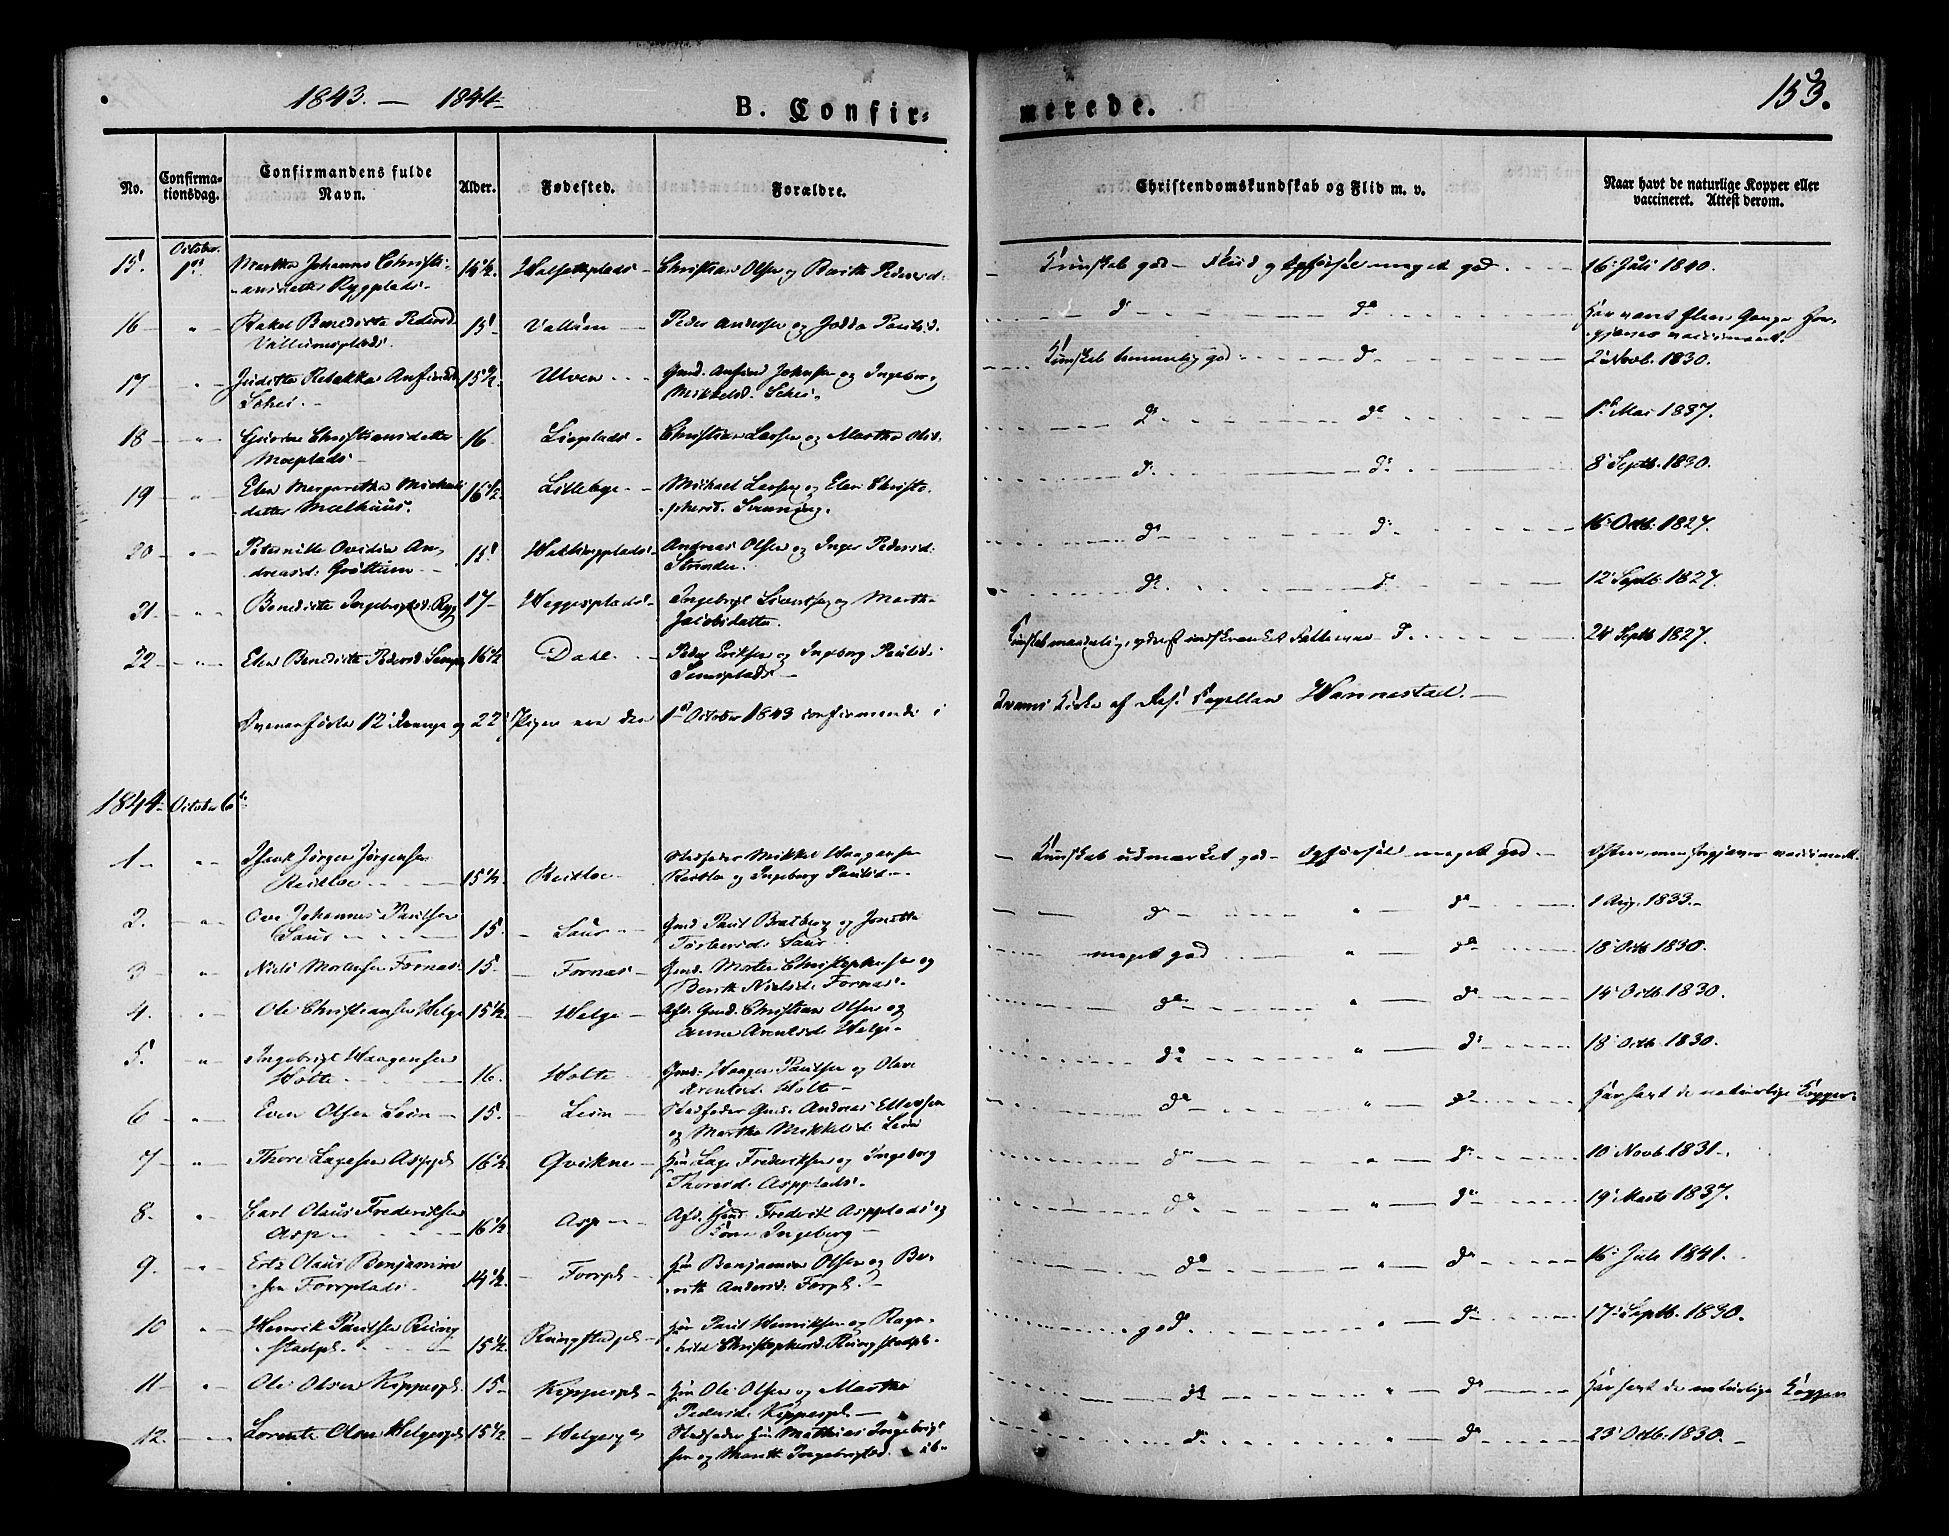 SAT, Ministerialprotokoller, klokkerbøker og fødselsregistre - Nord-Trøndelag, 746/L0445: Ministerialbok nr. 746A04, 1826-1846, s. 153